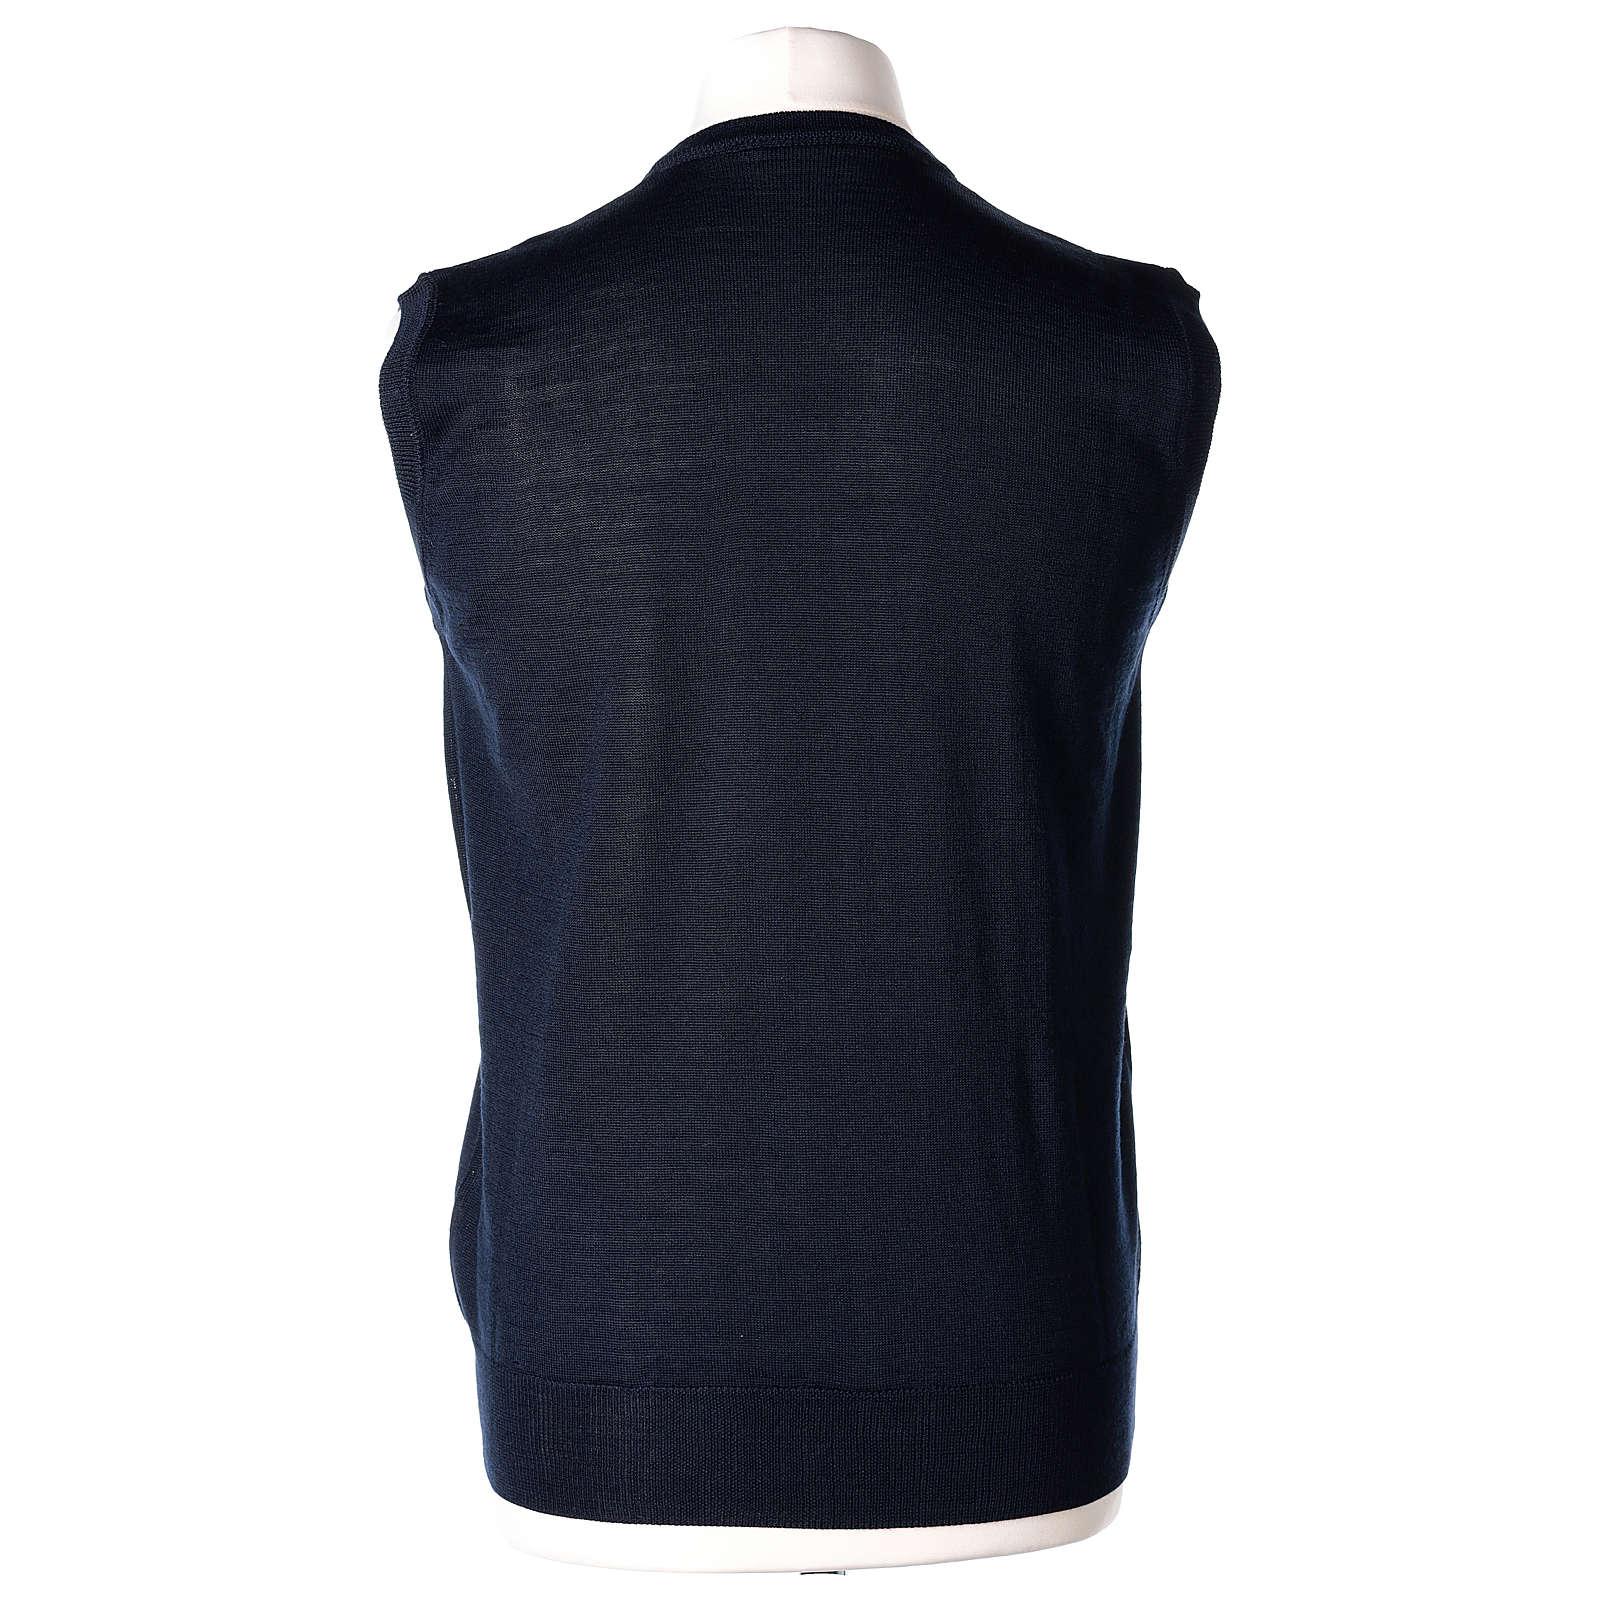 Gilet sacerdote blu chiuso maglia rasata 50% lana merino 50% acrilico In Primis 4